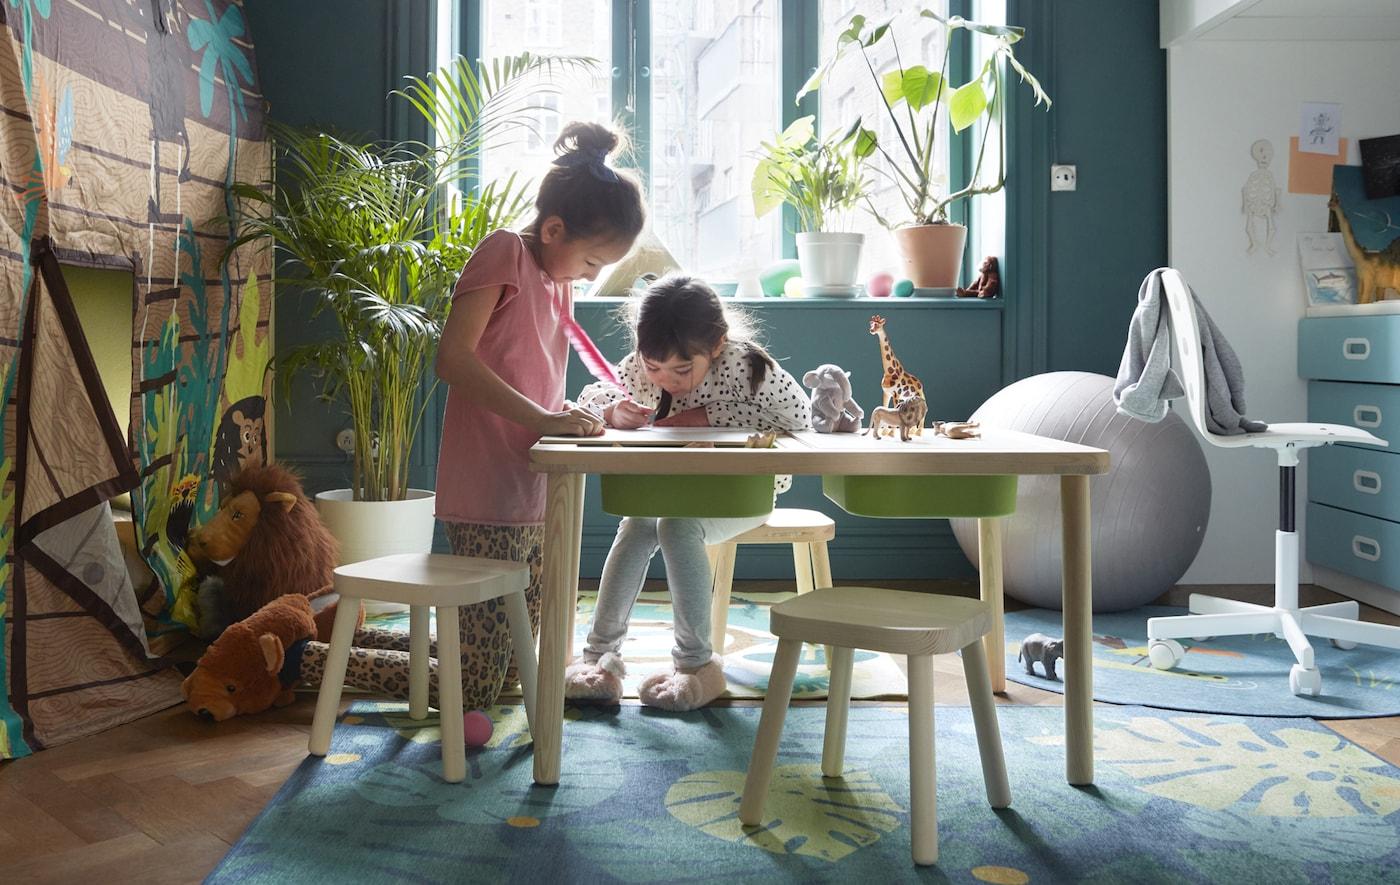 Zwei Kinder zeichnen an einem IKEA Tisch in einem Spielzimmer.